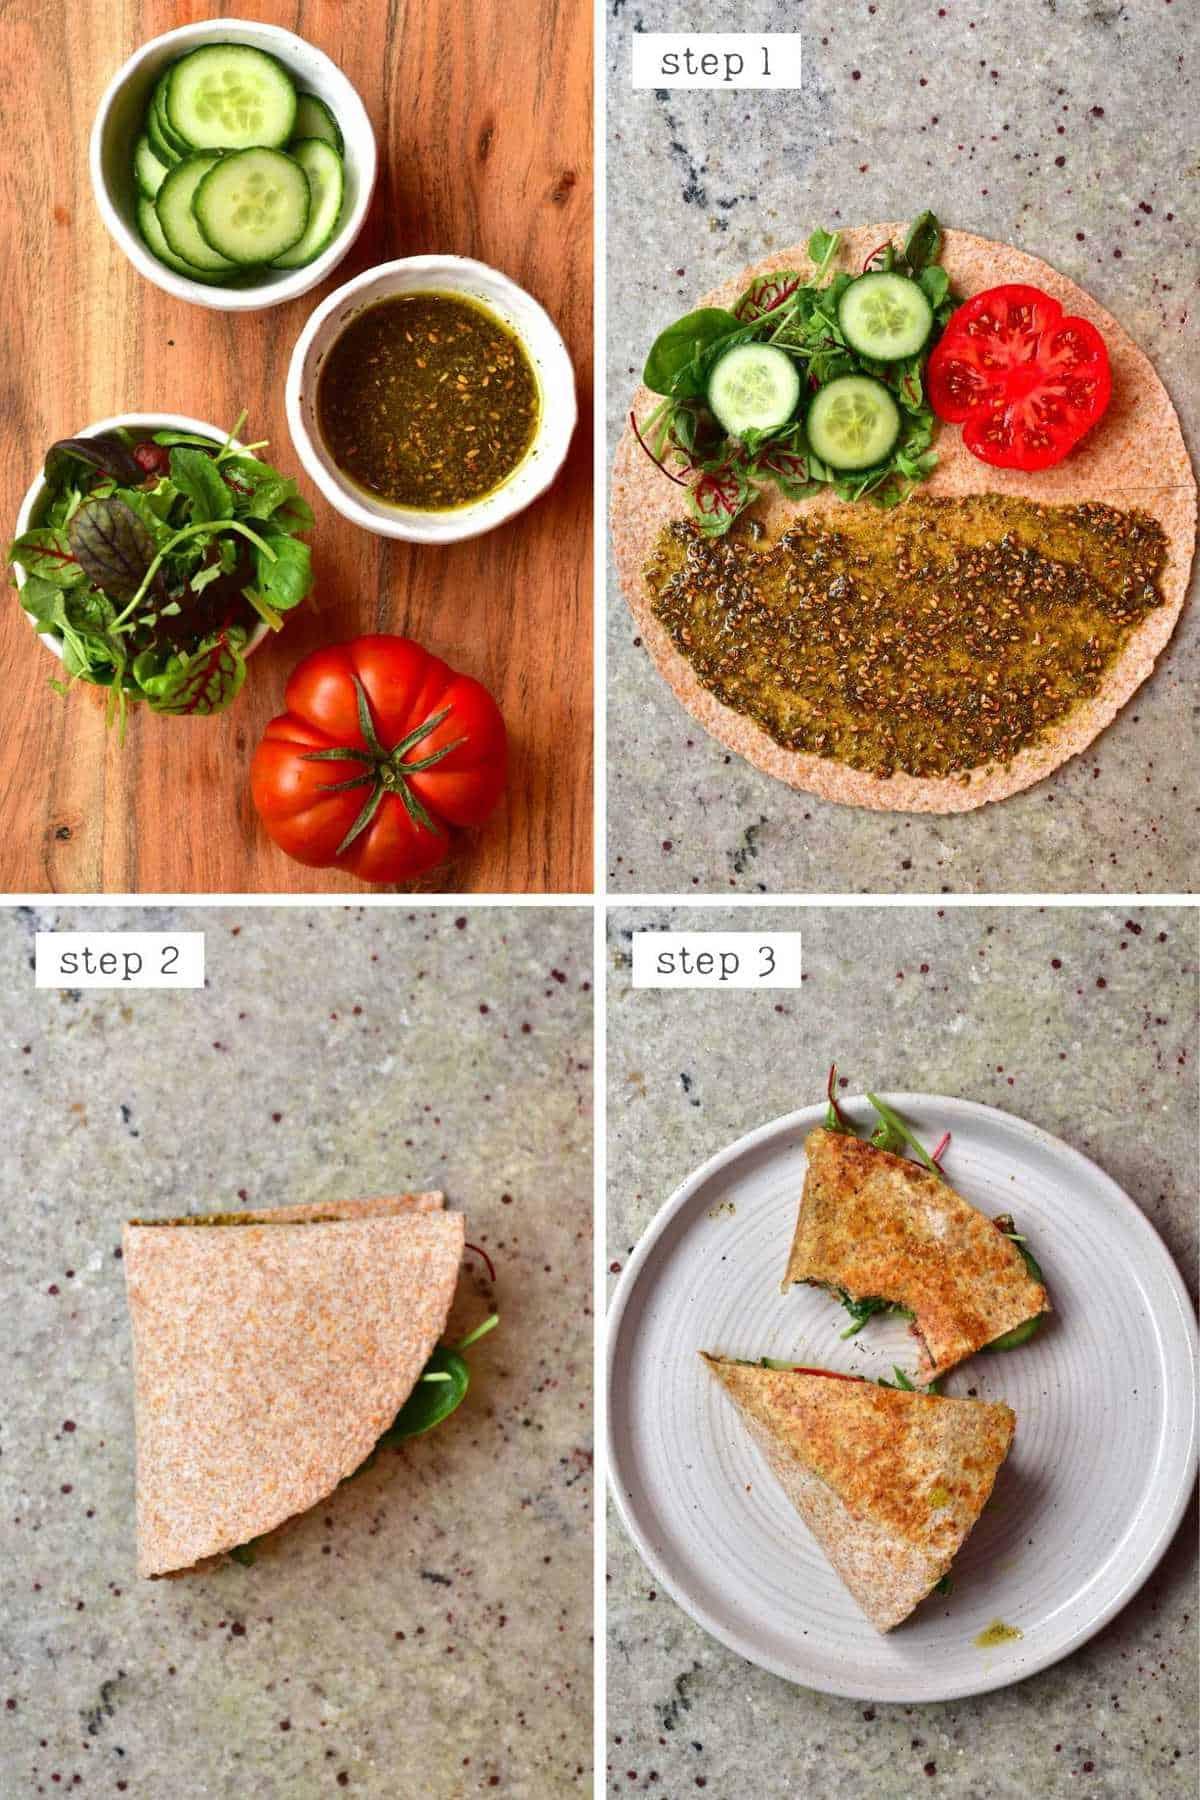 Steps for making zaatar breakfast qrap